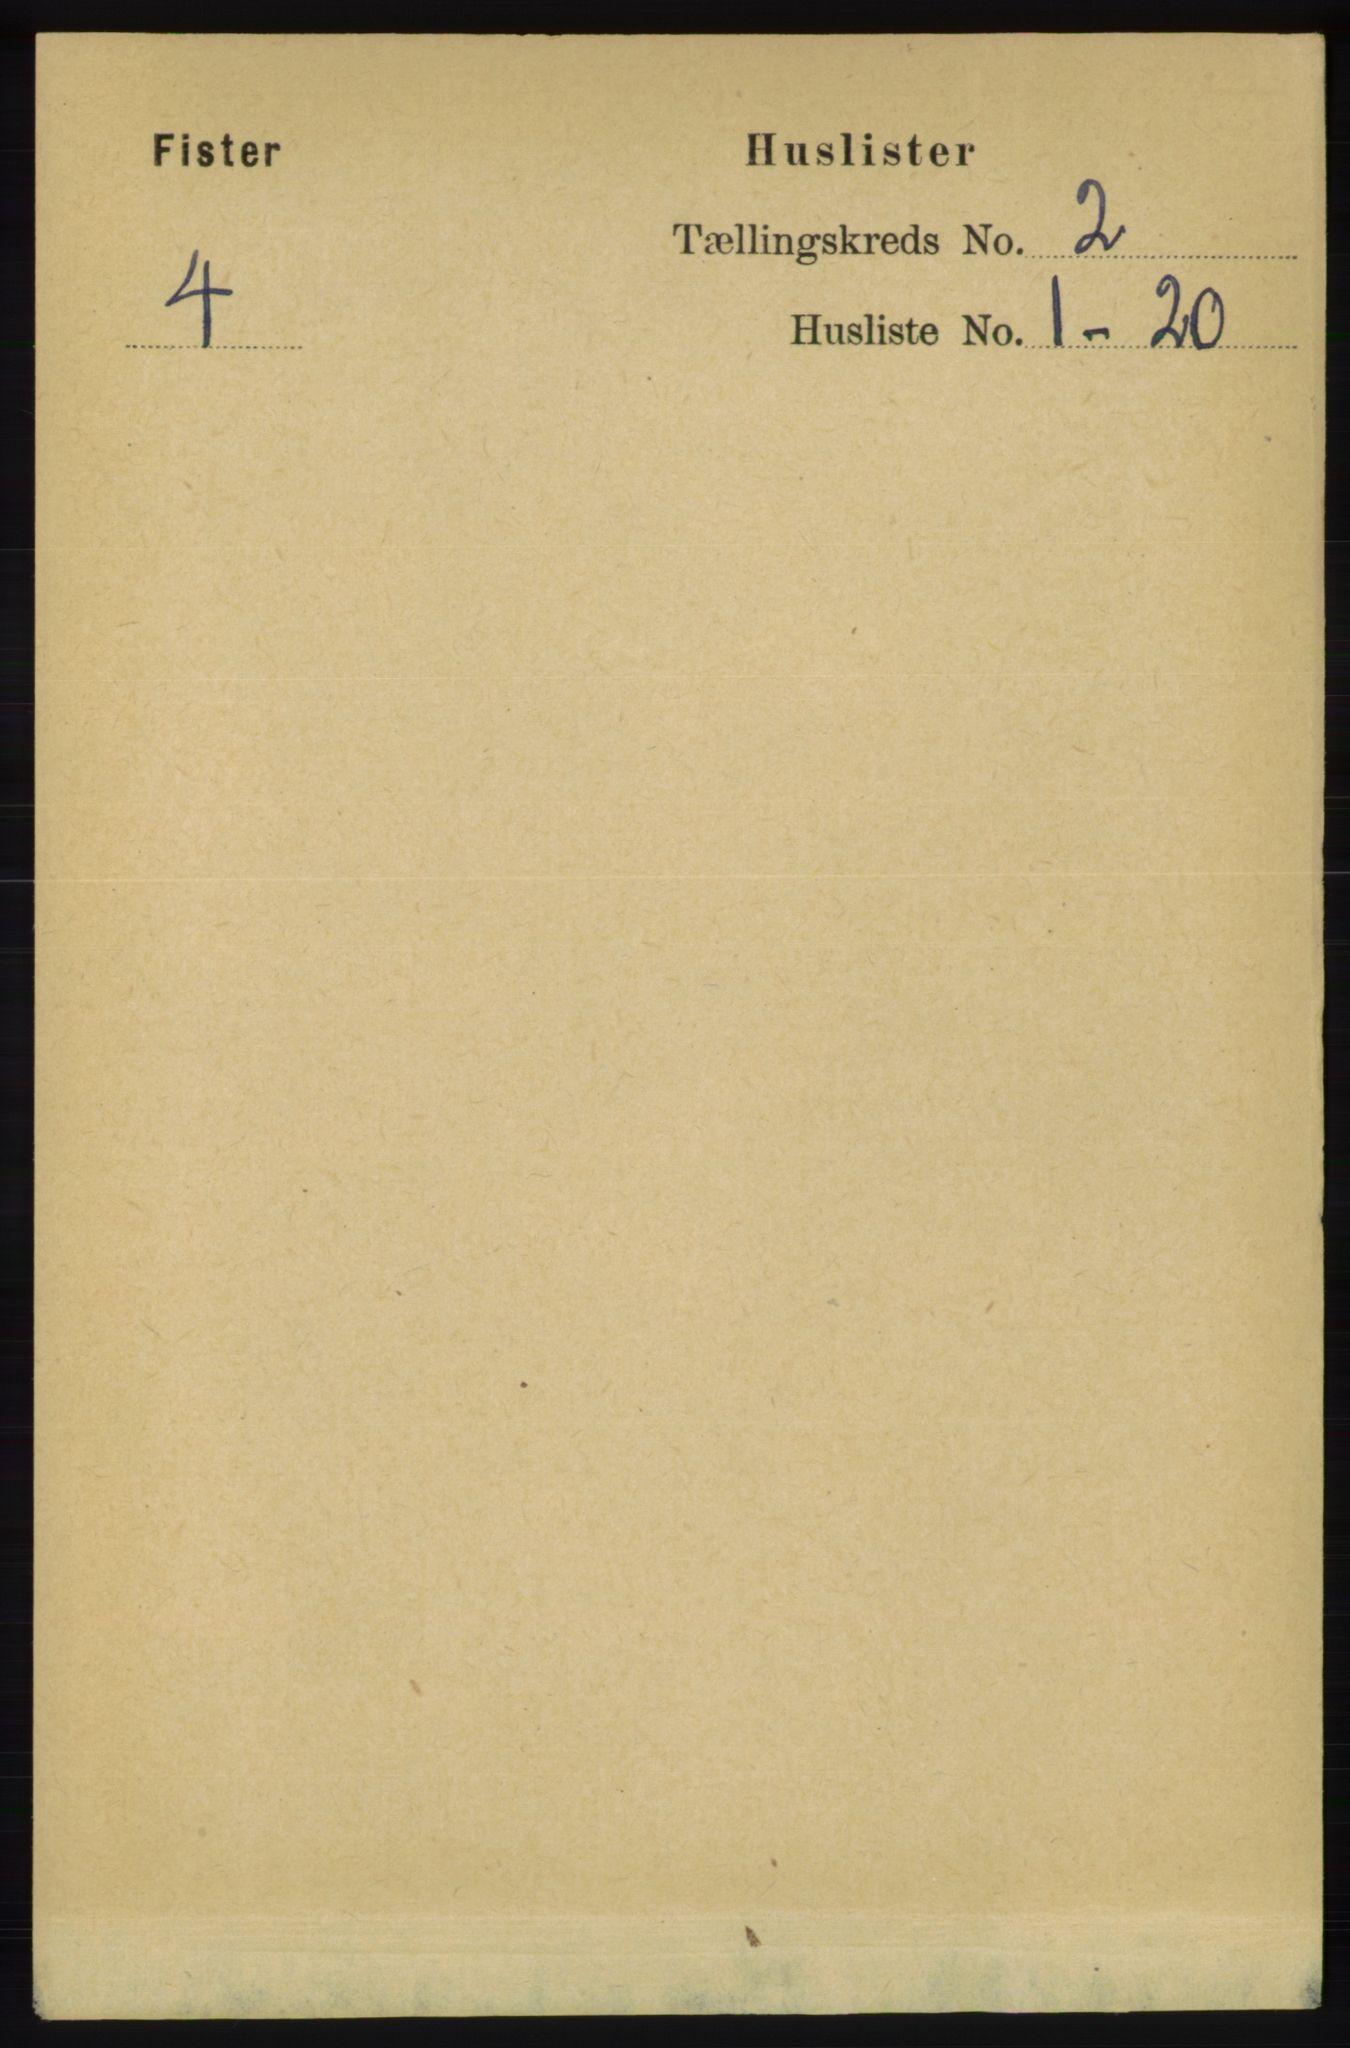 RA, Folketelling 1891 for 1132 Fister herred, 1891, s. 332